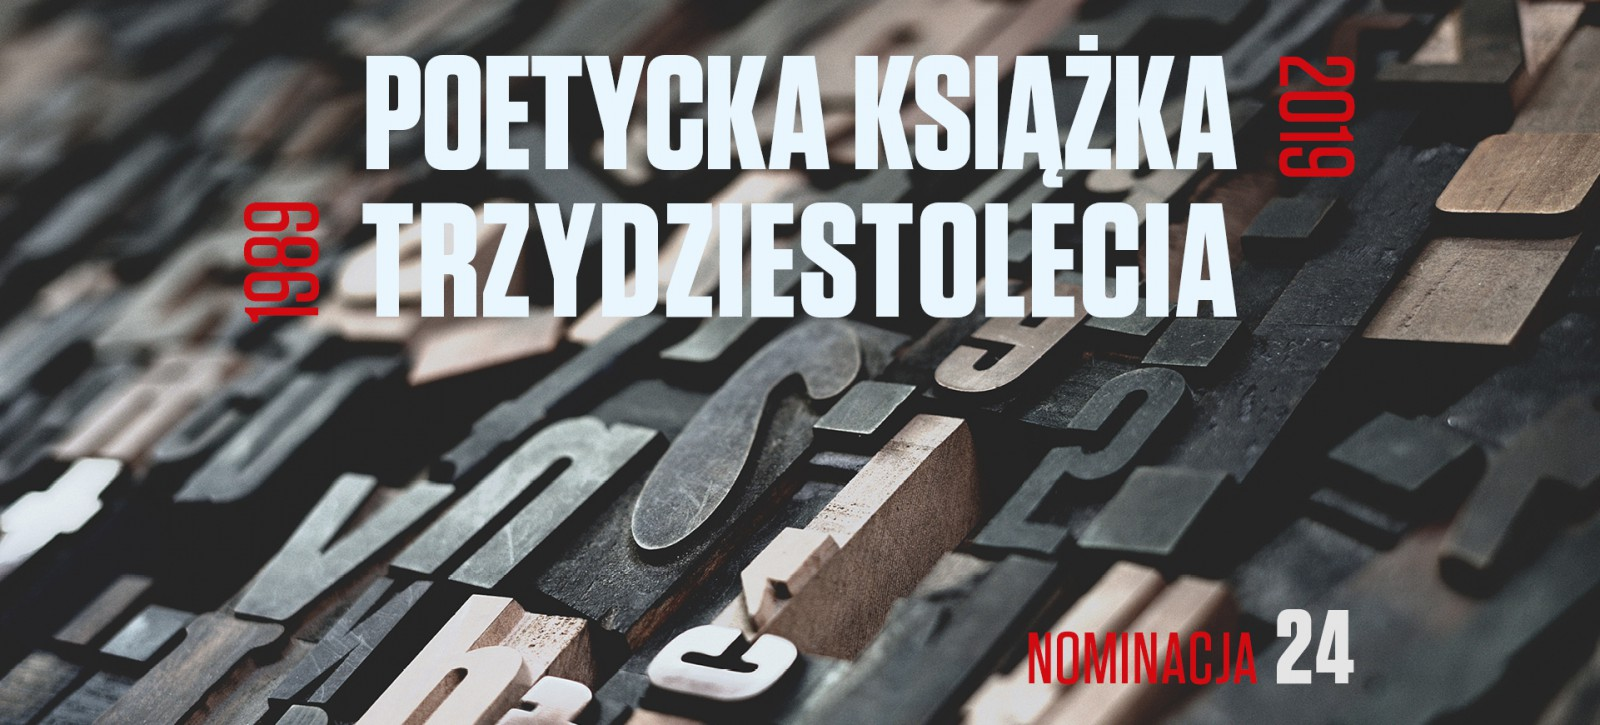 16_DEBATY__Adrian Sinkowski__Poetycka książka trzydziestolecia